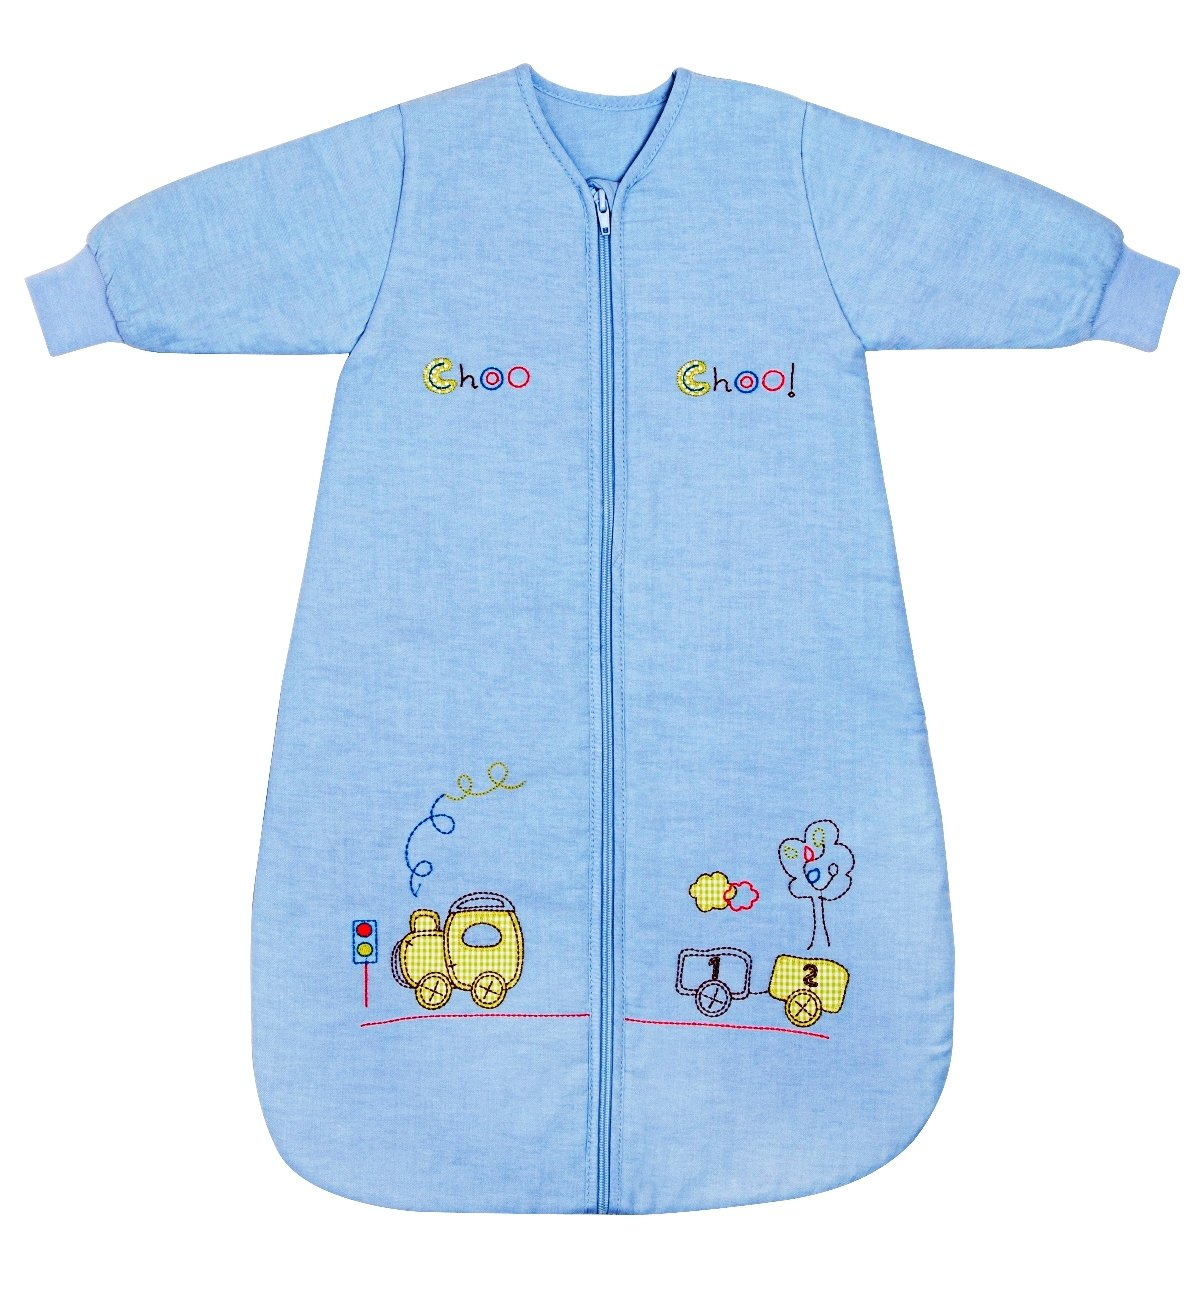 Slumbersafe Baby Sleeping Bag Long Sleeves 2.5 Tog - Choo Choo, 0-6 months/SMALL